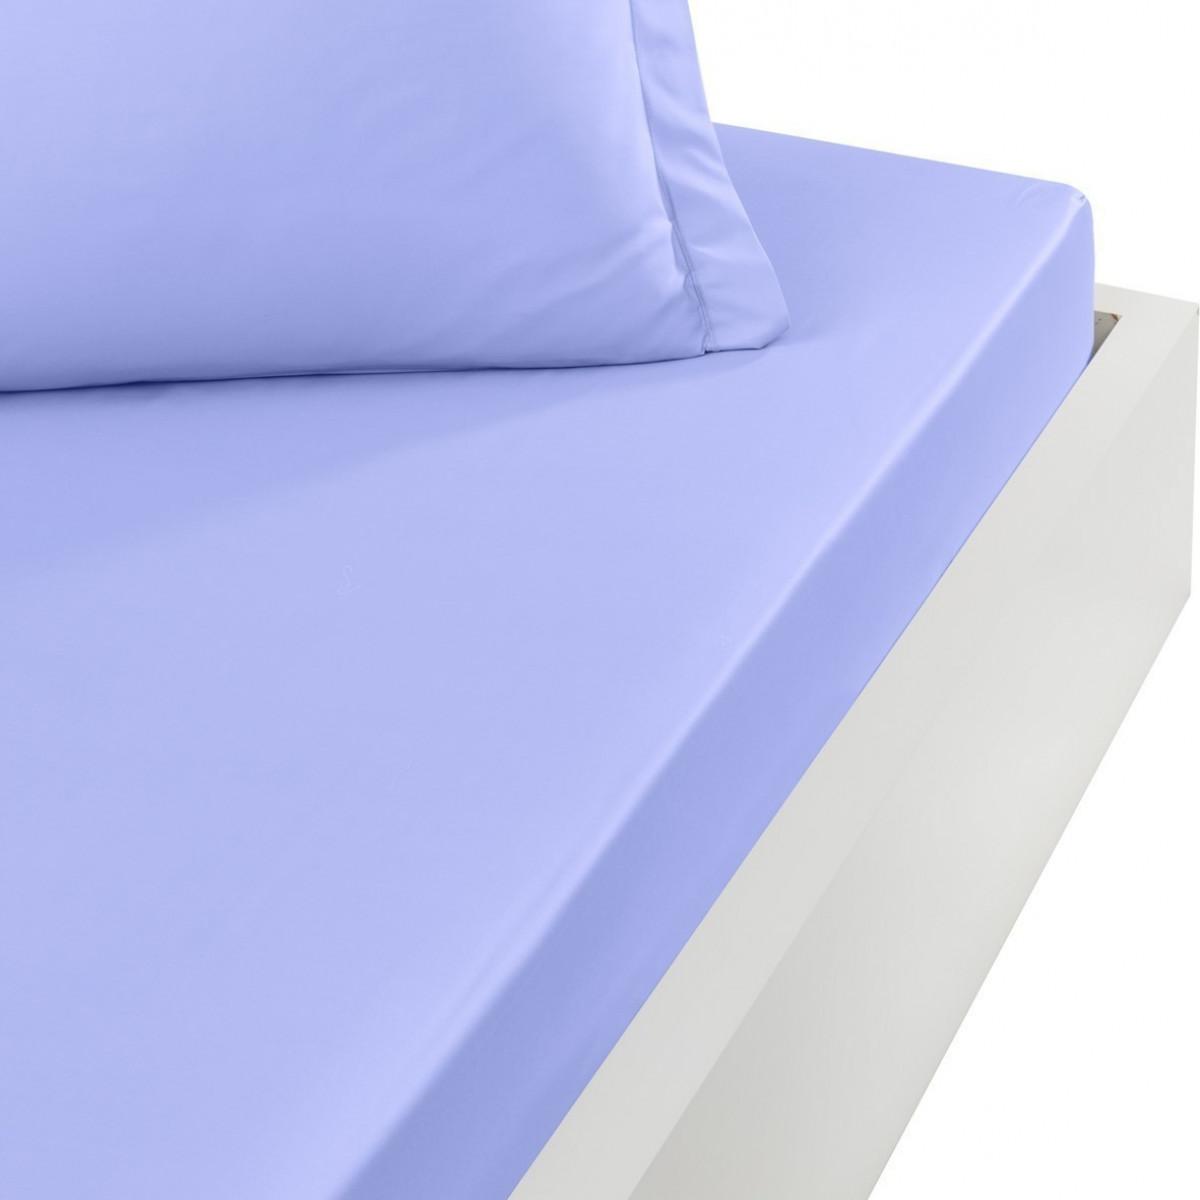 Drap housse en percale de coton bon Azur 200x200 cm